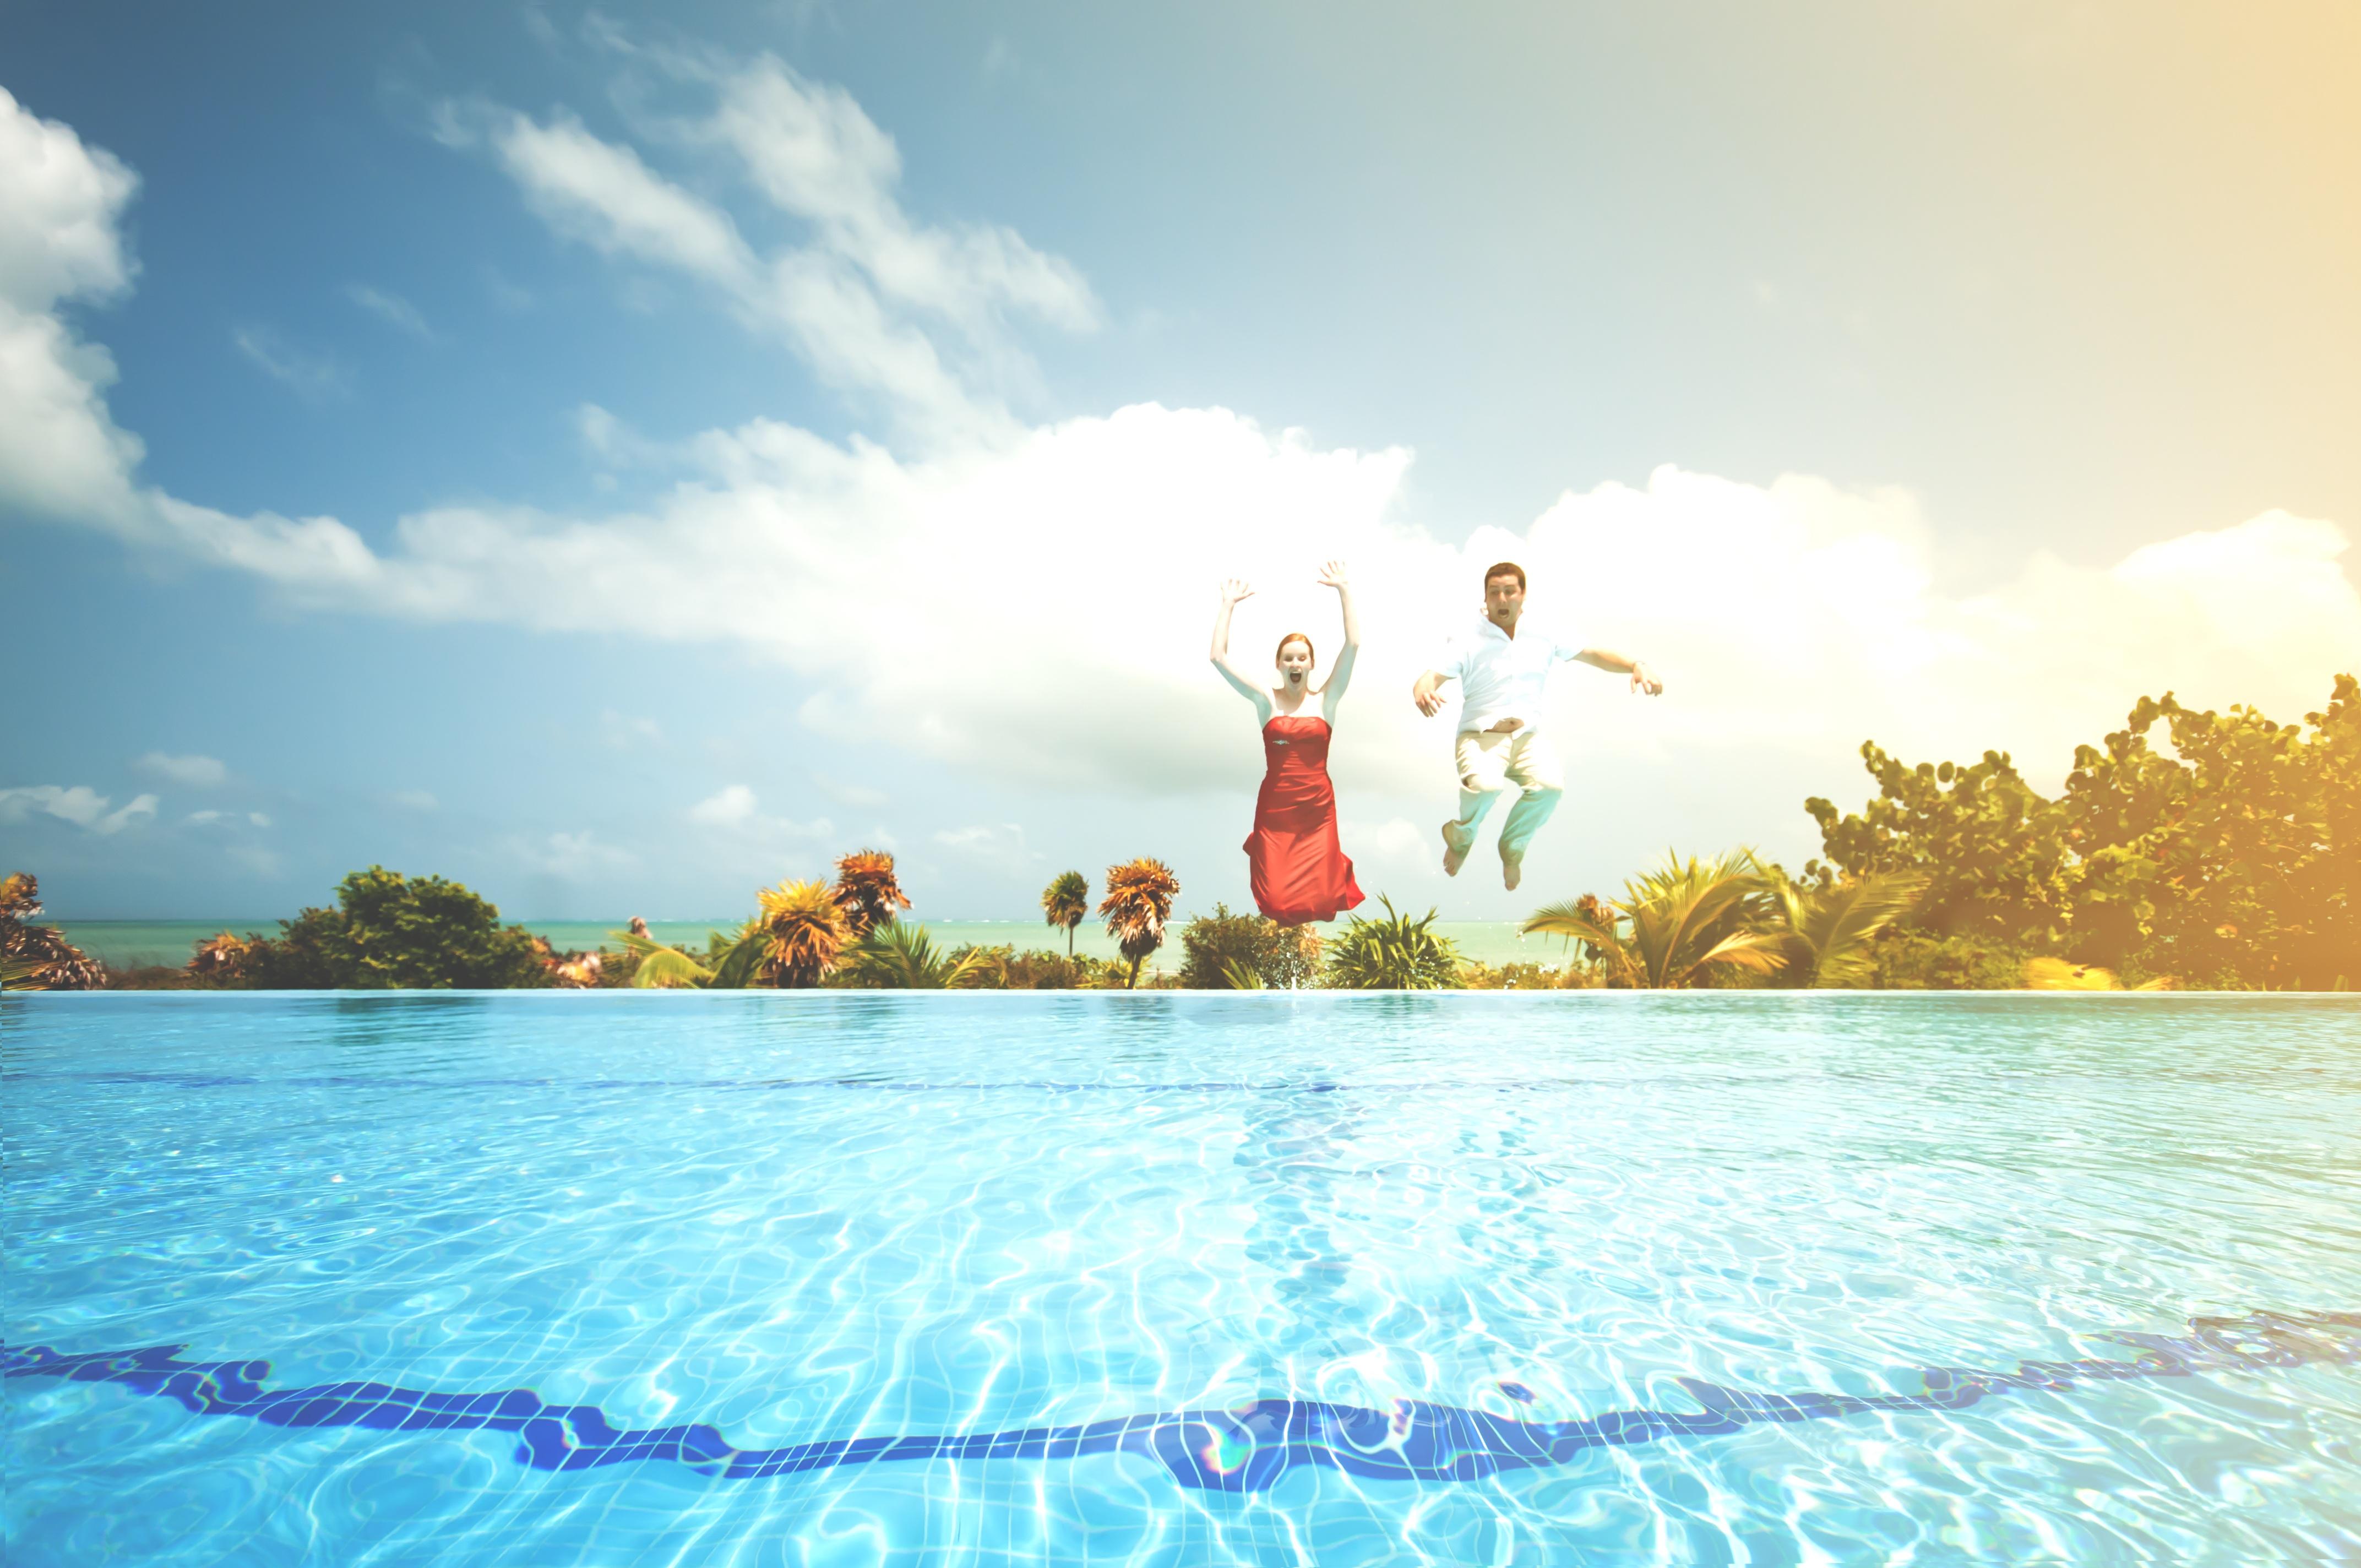 Fotos gratis hombre mar agua nube gente mujer saltar